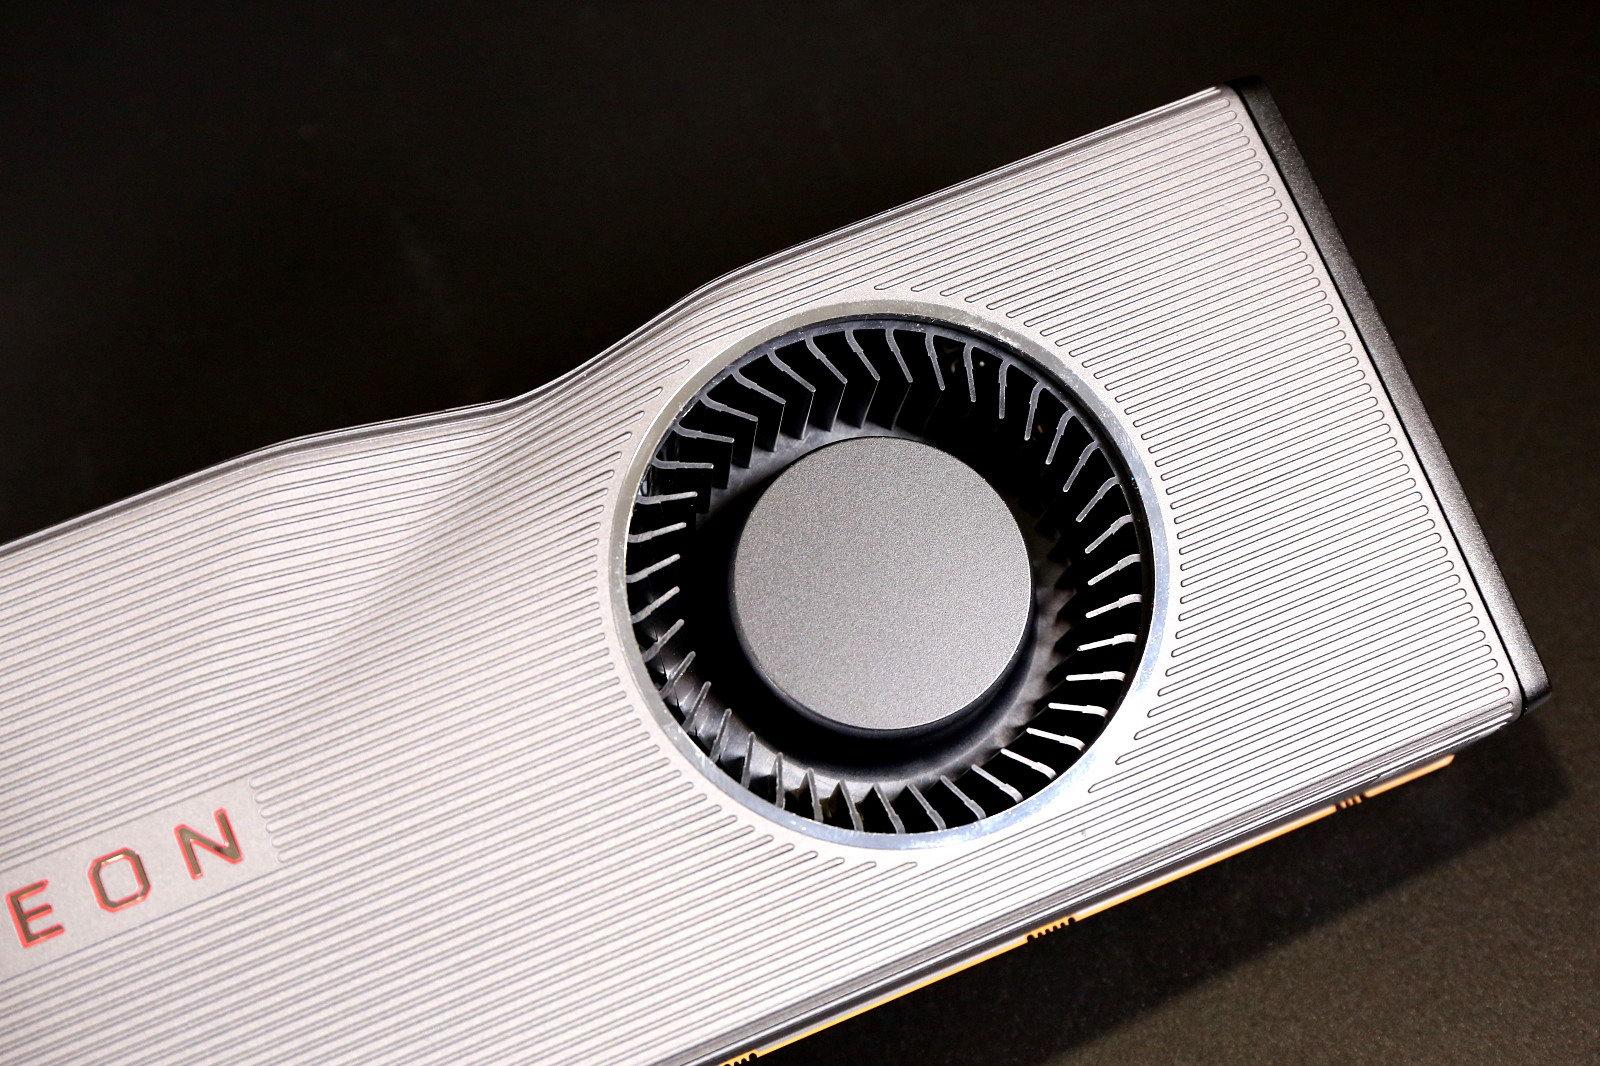 黑客一亿美元叫卖Navi显卡源码 AMD表示已报警